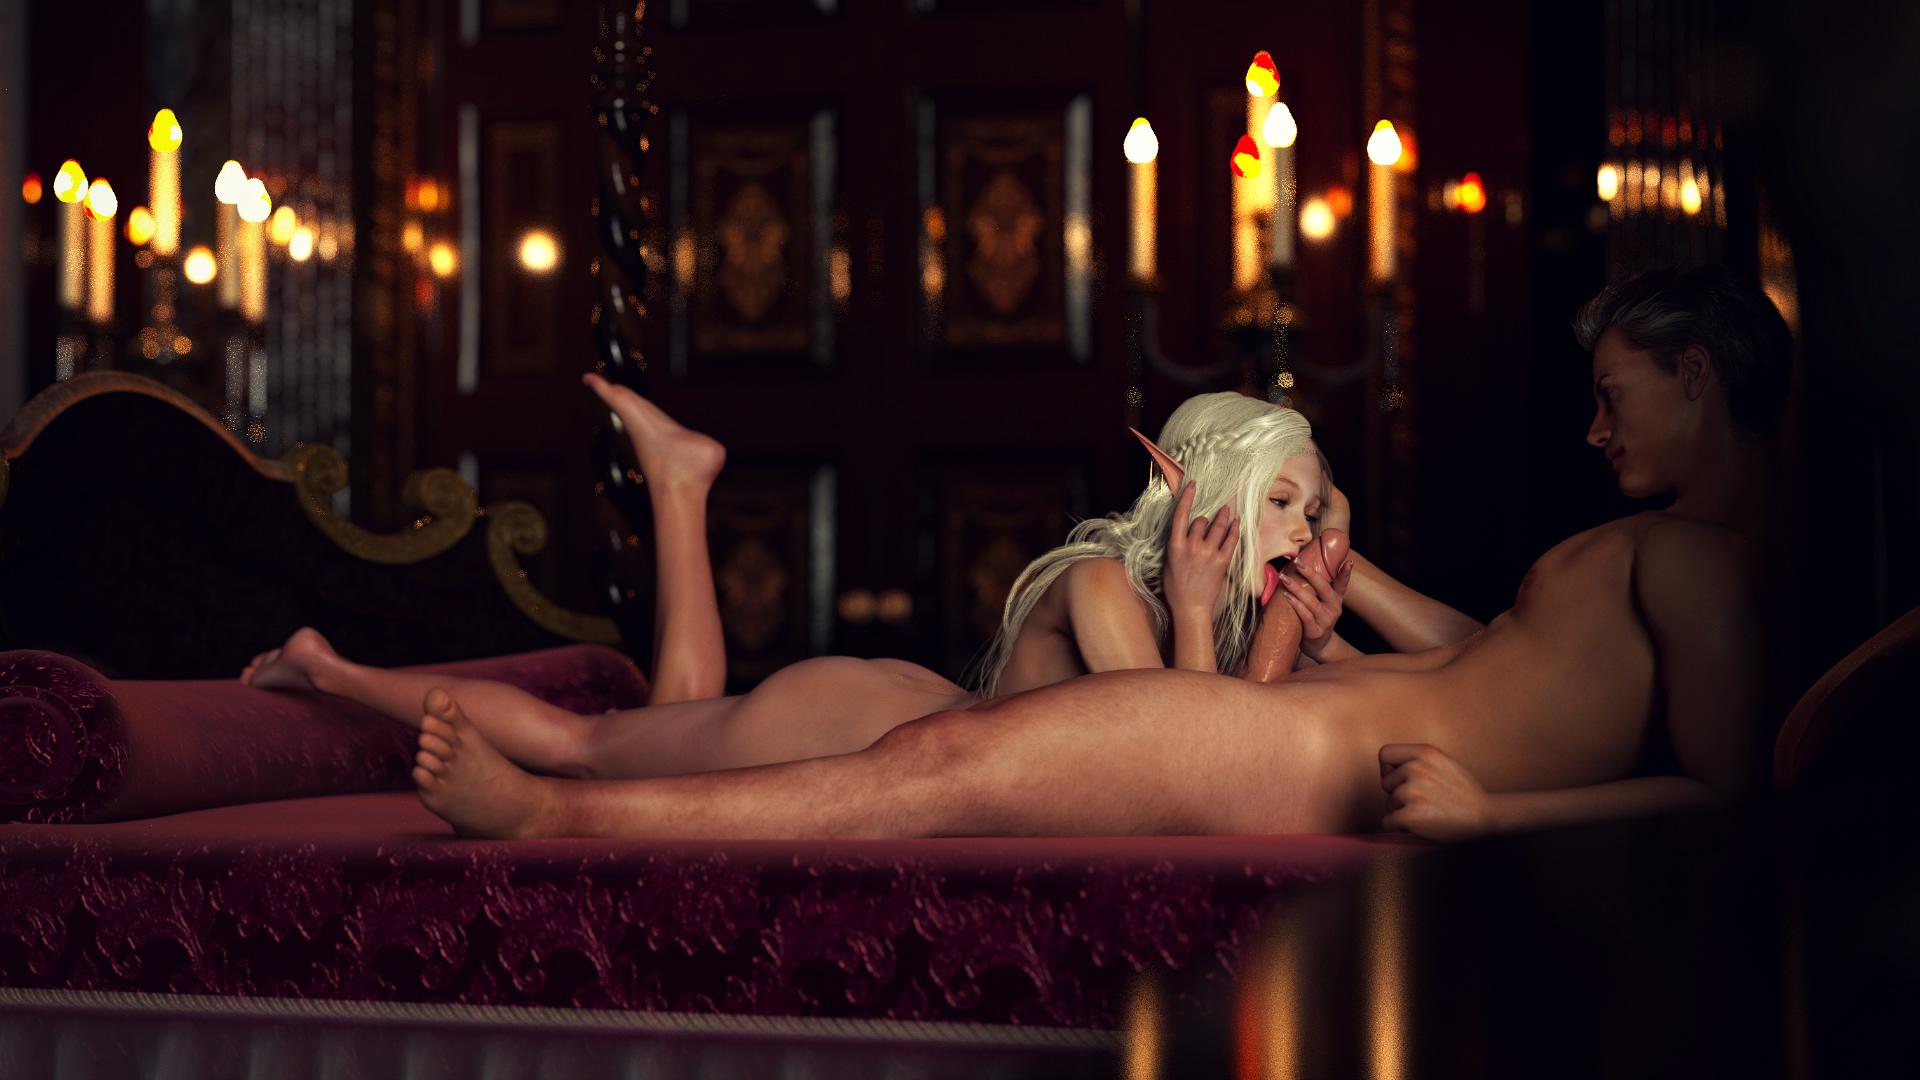 ваше смотреть онлайн фильм эротика арт фото голой девушки